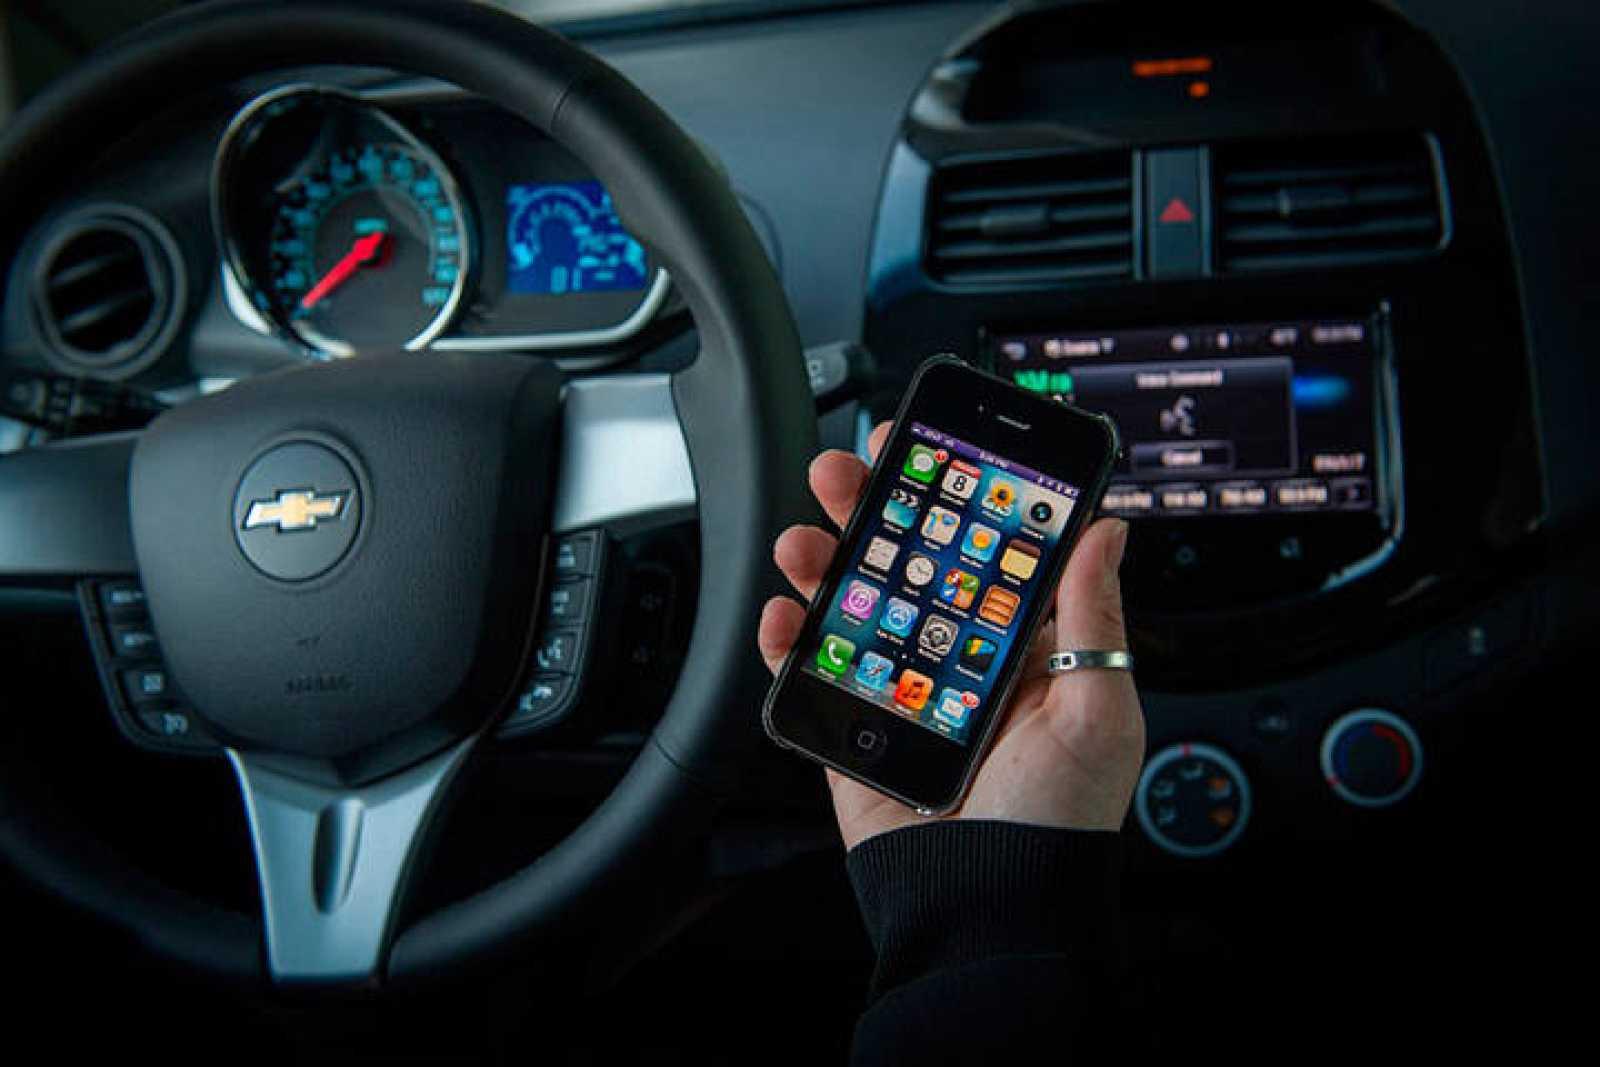 Consultar los mensajes mientras se conduce multiplica por más de 20 la posibilidad de sufrir un accidente mientras se conduce. Foto (C) Chevrolet